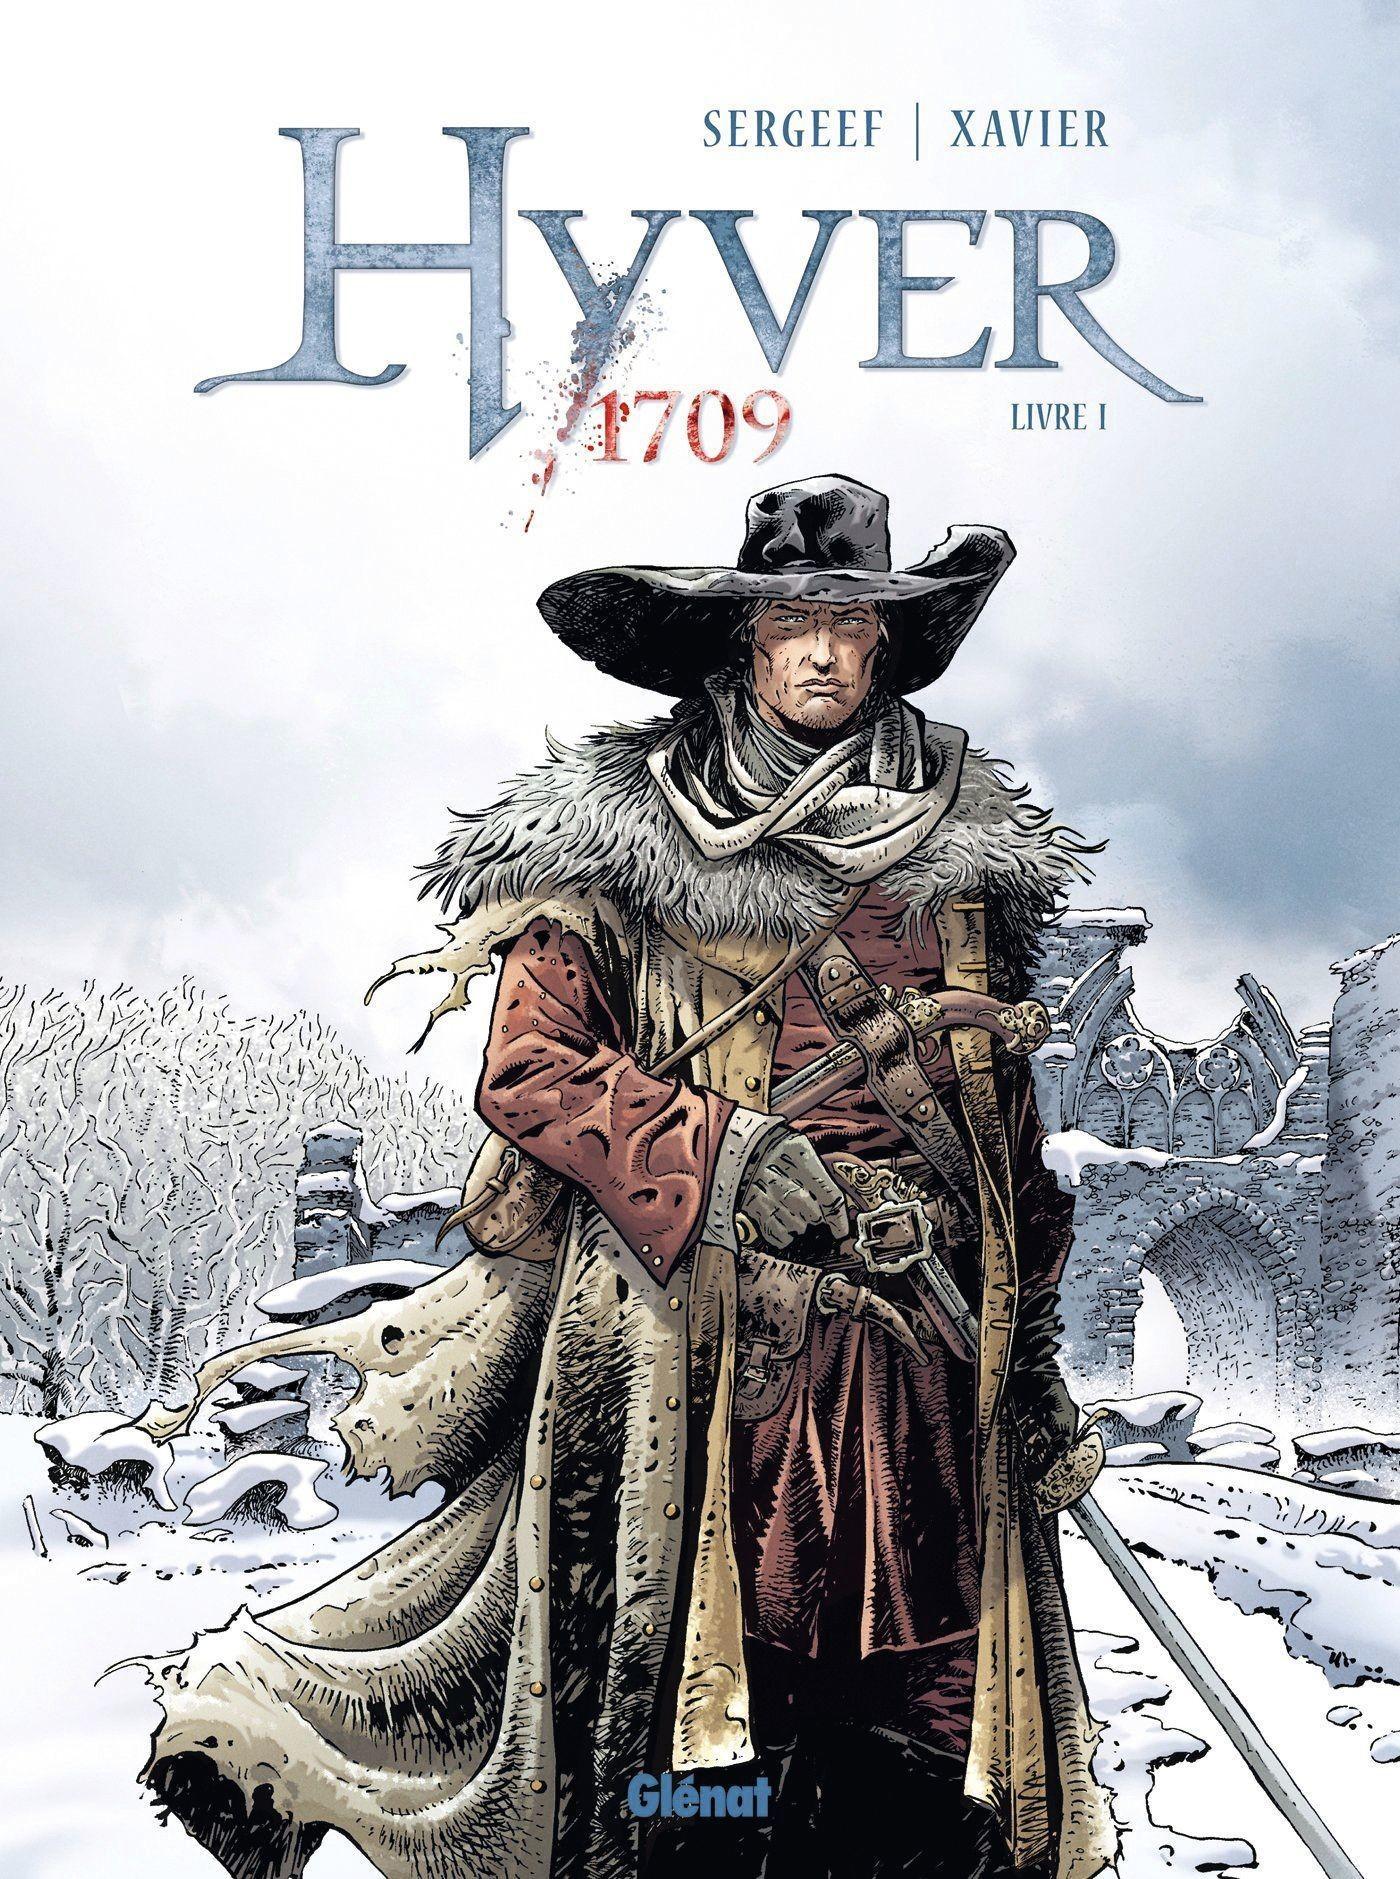 Hyver 1709 est une bande dessinée de Nathalie Sergeef et Philippe Xavier